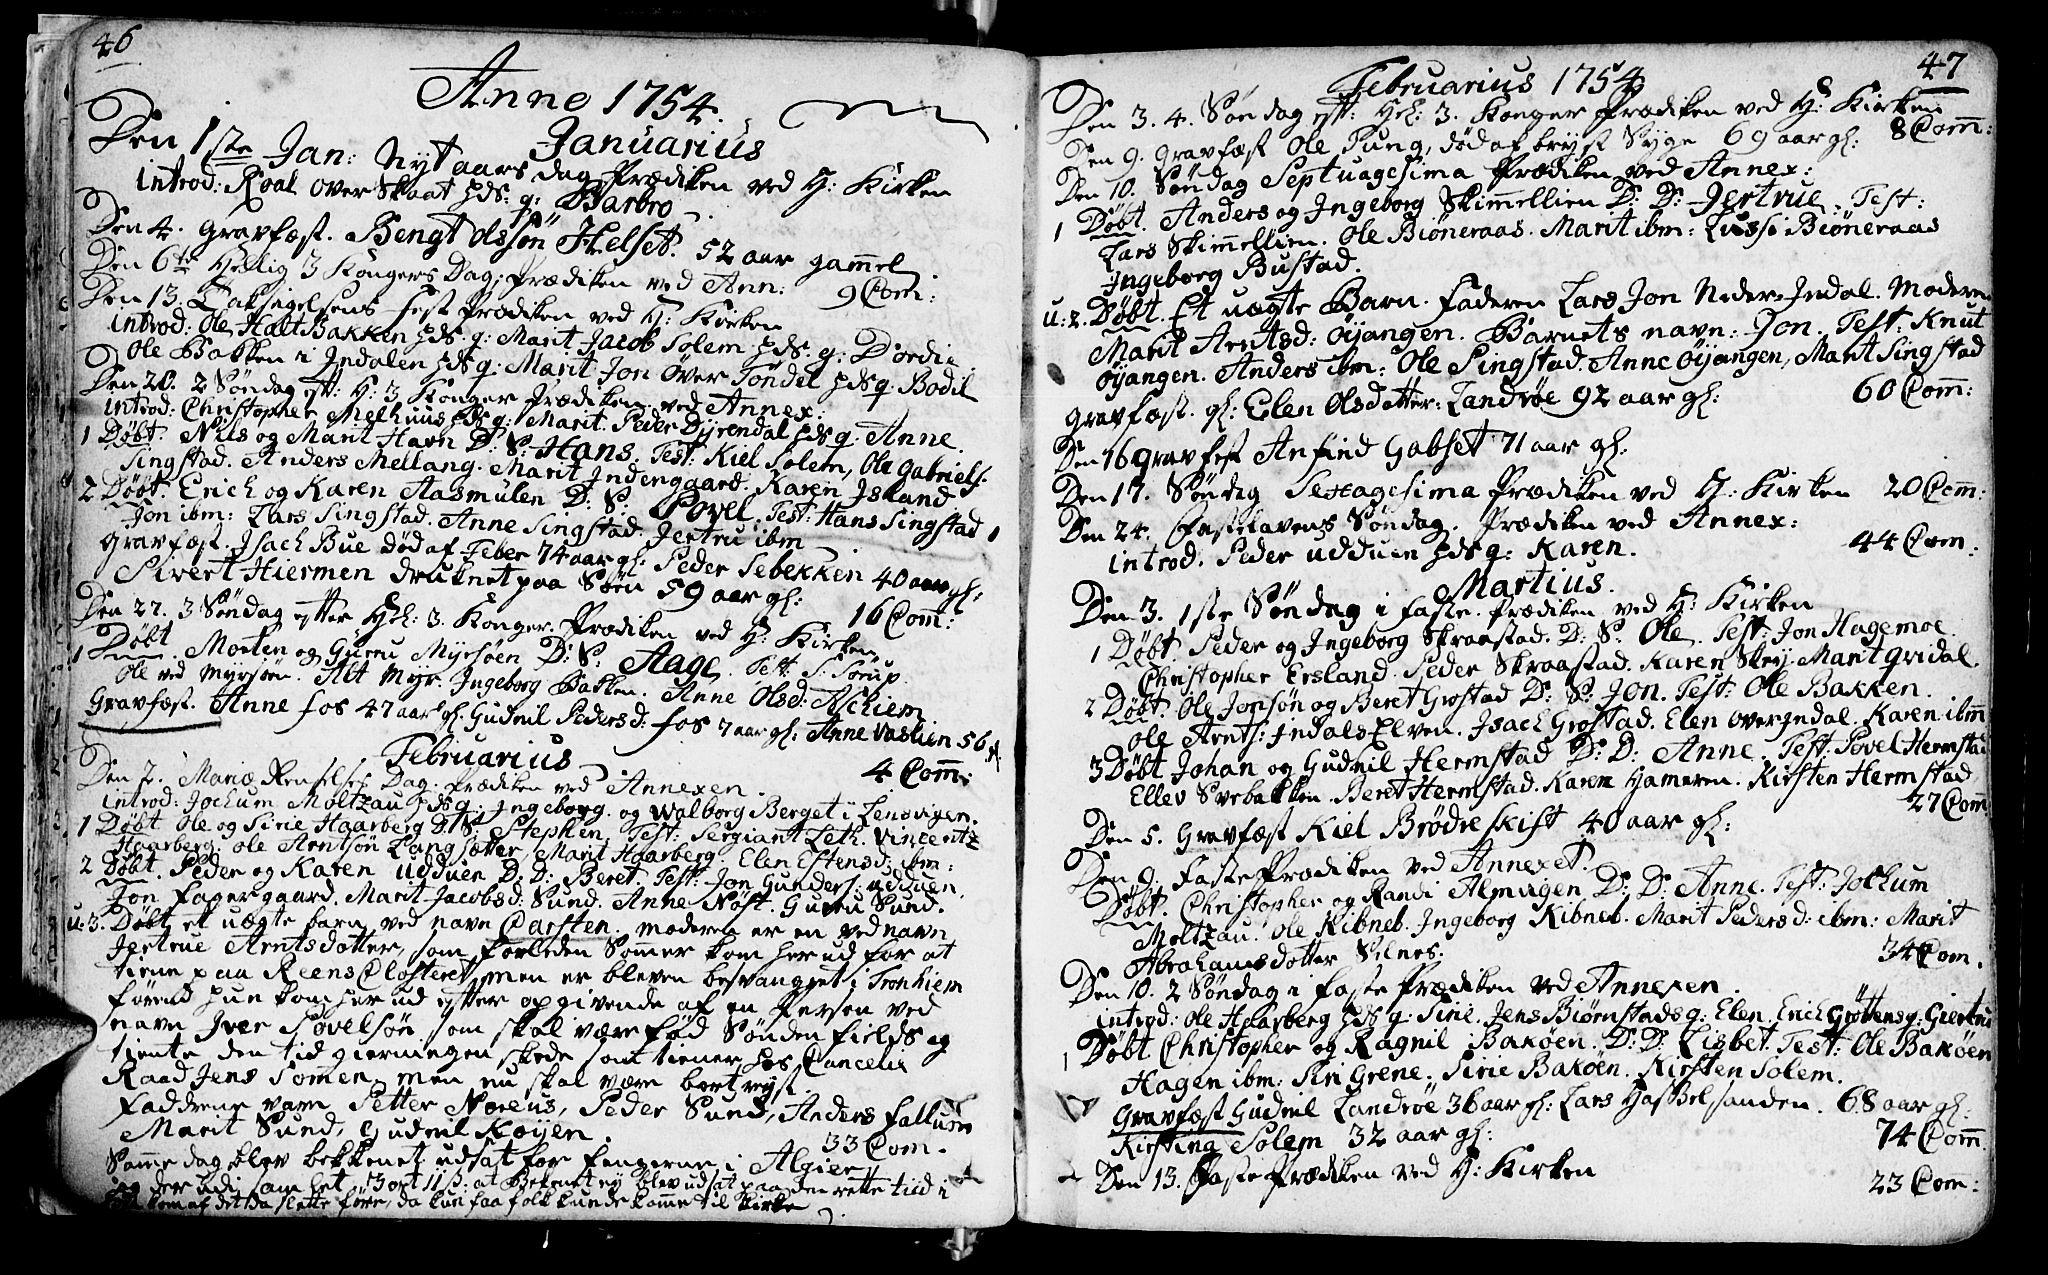 SAT, Ministerialprotokoller, klokkerbøker og fødselsregistre - Sør-Trøndelag, 646/L0605: Ministerialbok nr. 646A03, 1751-1790, s. 46-47